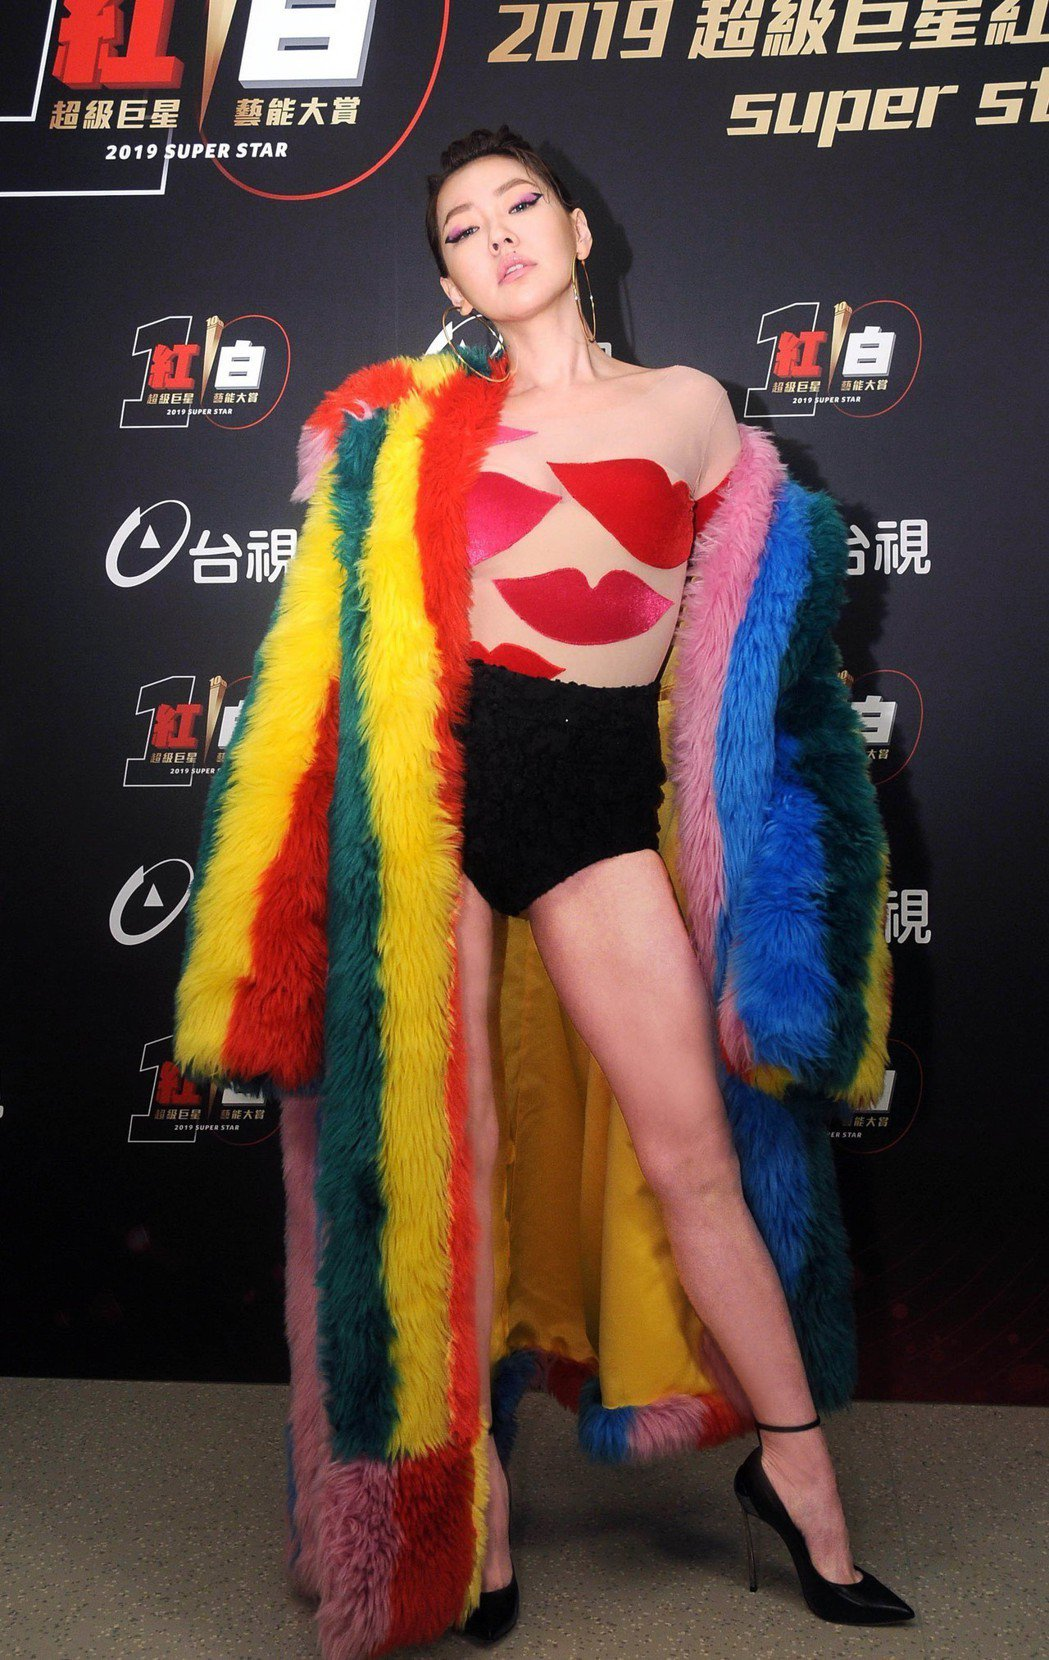 小S身穿薄紗透視裝外罩彩色毛大衣,打扮前衛性感。圖/台視提供